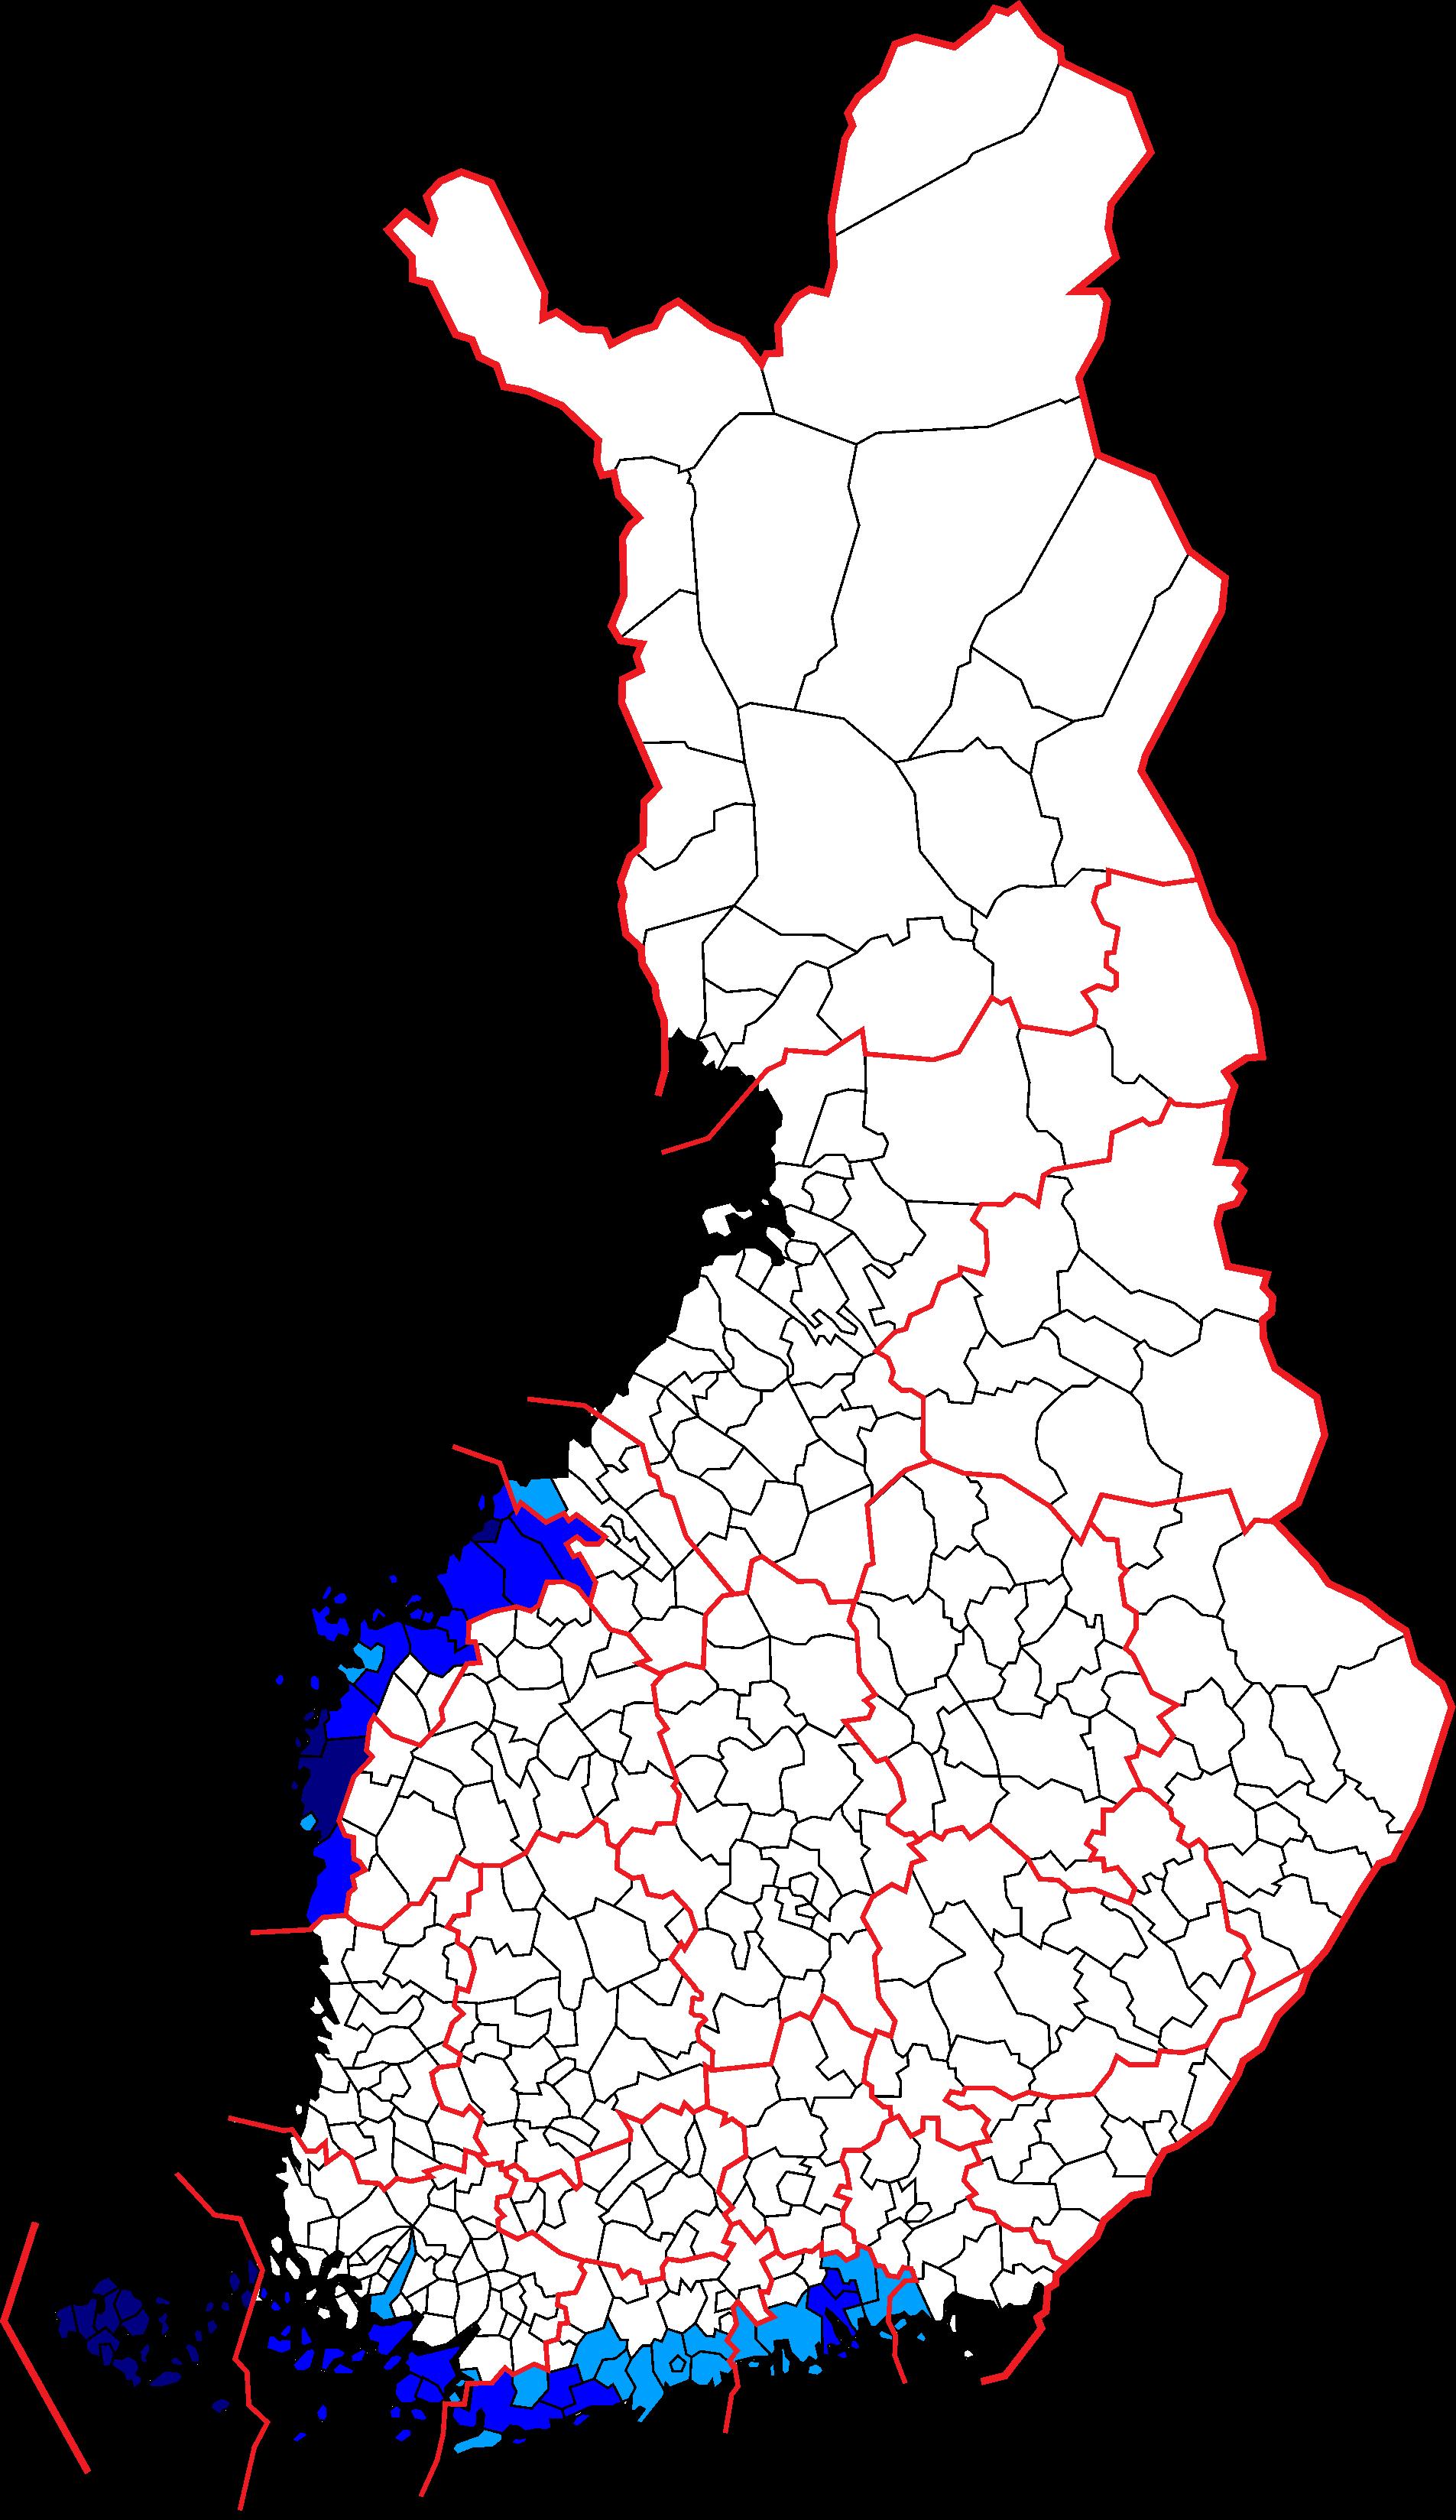 Szwedzkojęzyczne gminy w Finlandii. Mapa: Wikiepdia.